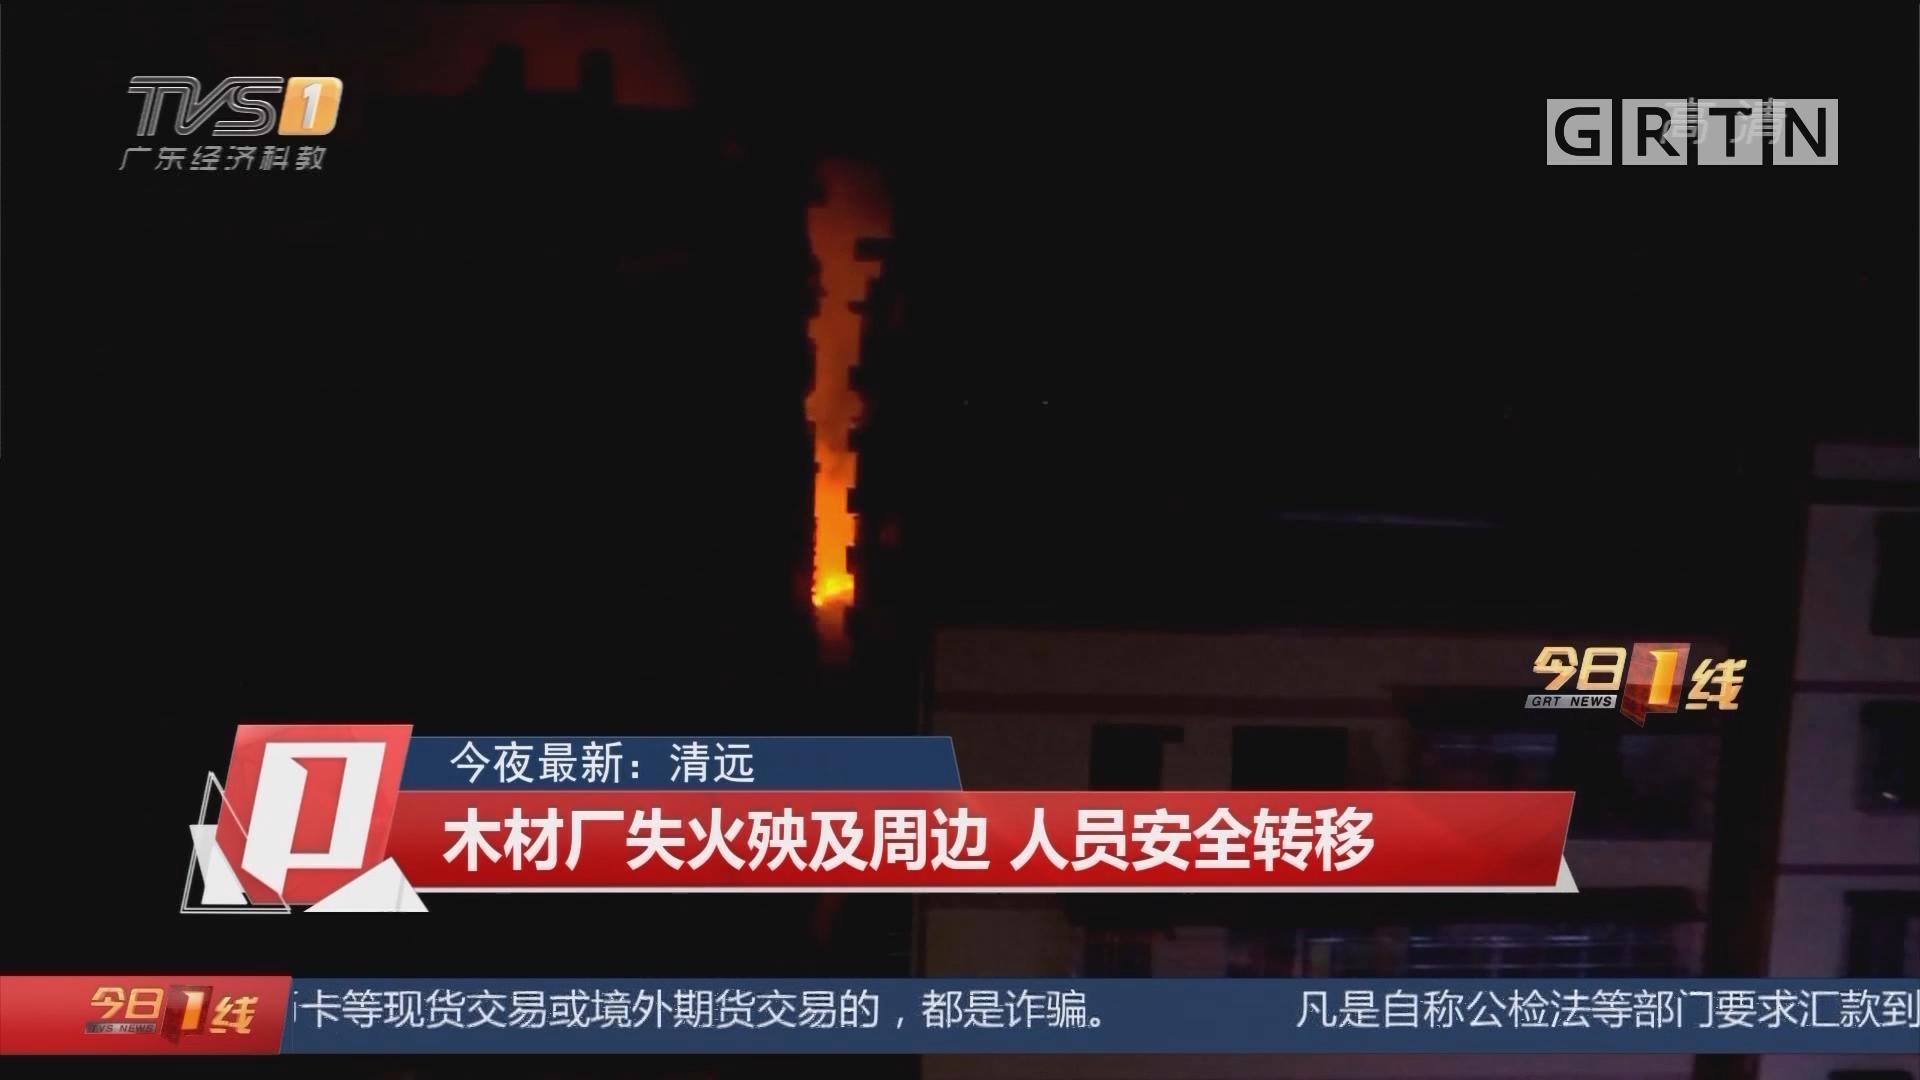 今夜最新:清远 木材厂失火殃及周边 人员安全转移